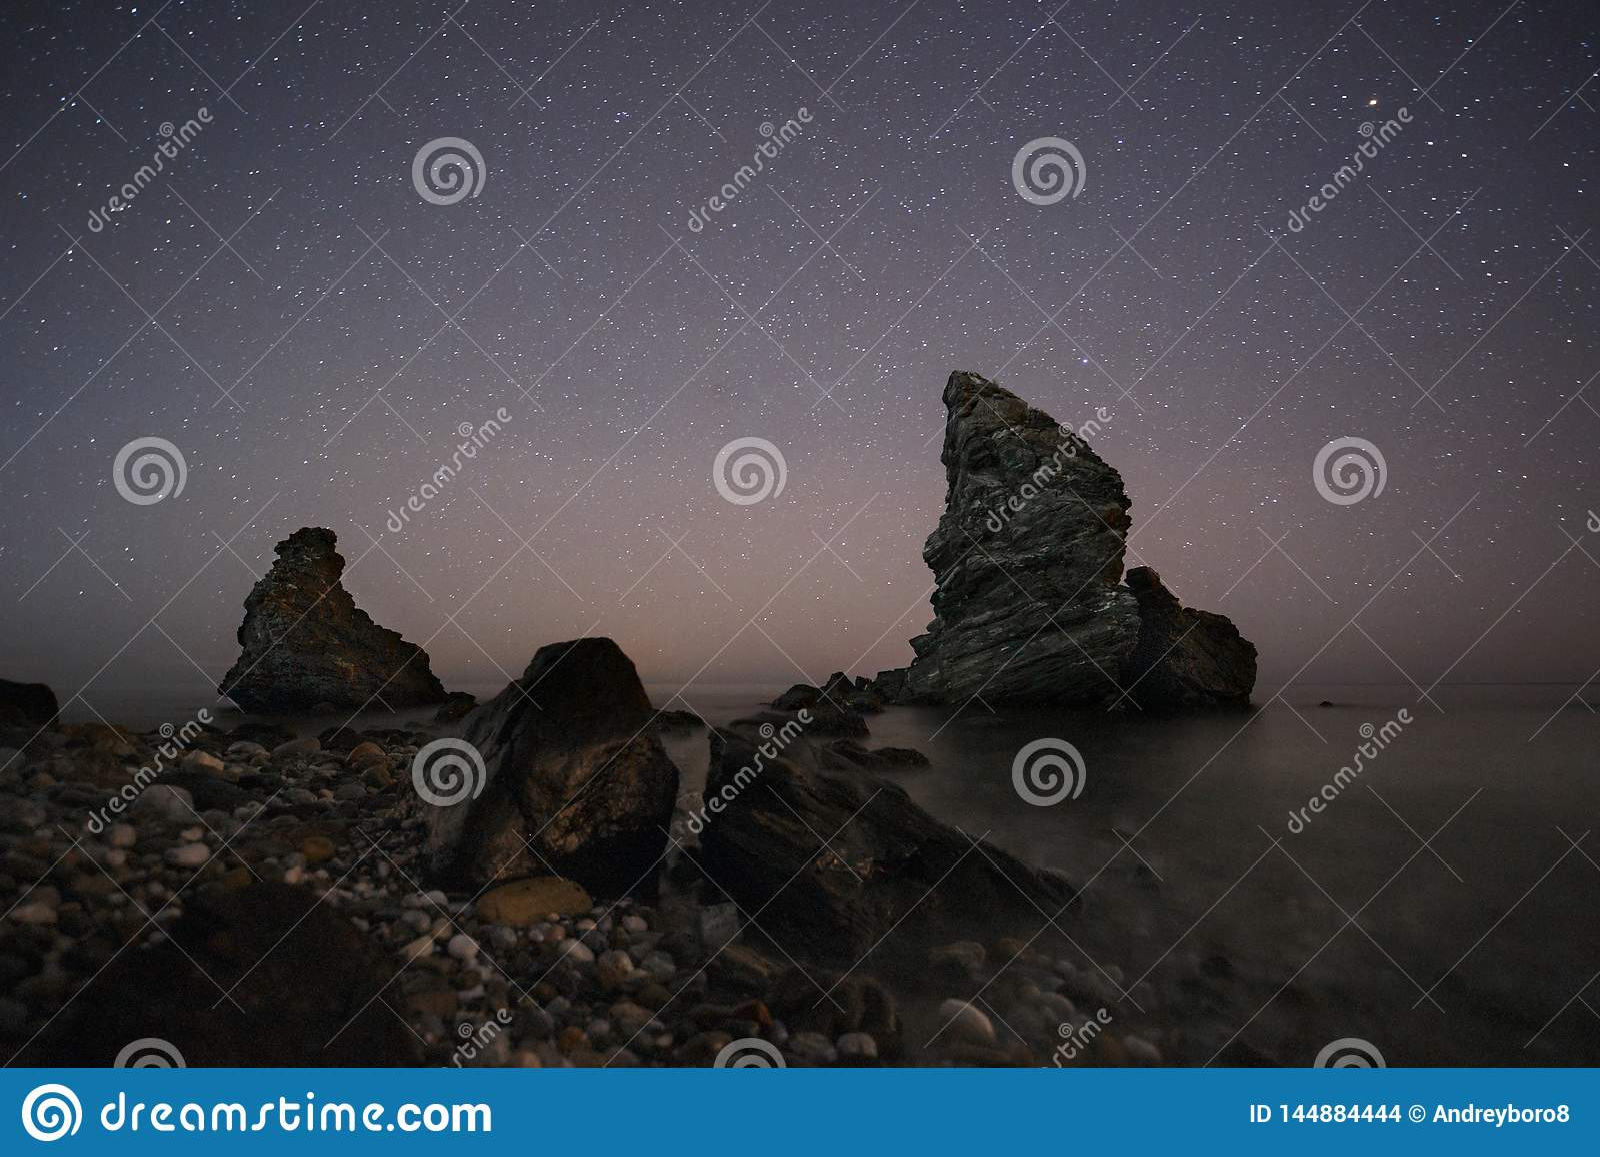 España, Málaga, Nerja, Molino de Papel: Noche estrellada en la playa con las rocas